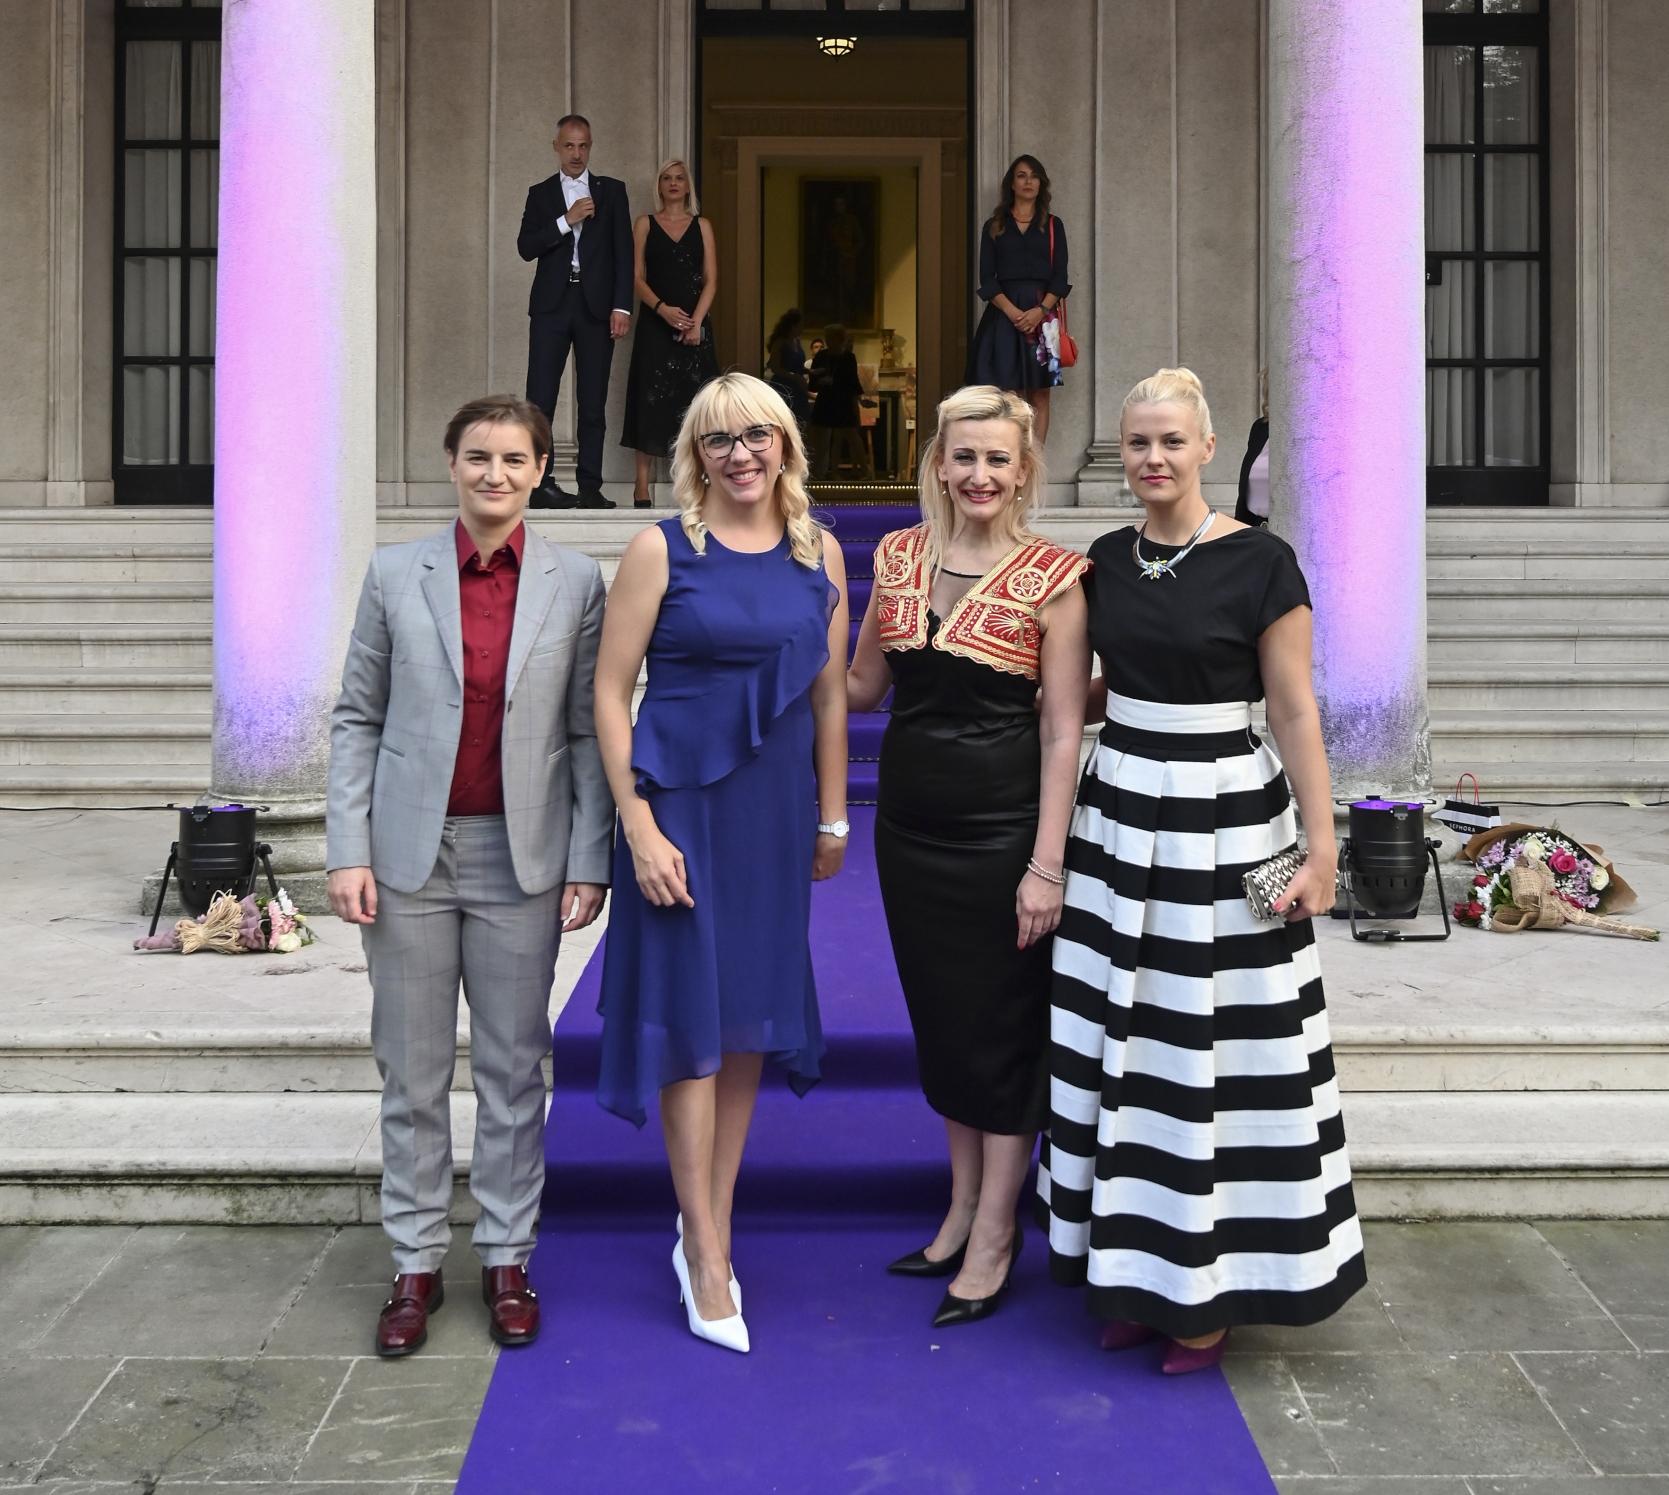 UVEK ELEGANTNA: Premijerkina partnerka Milica blistala na Belom dvoru u crno -beloj haljini! : Nadlanu.com